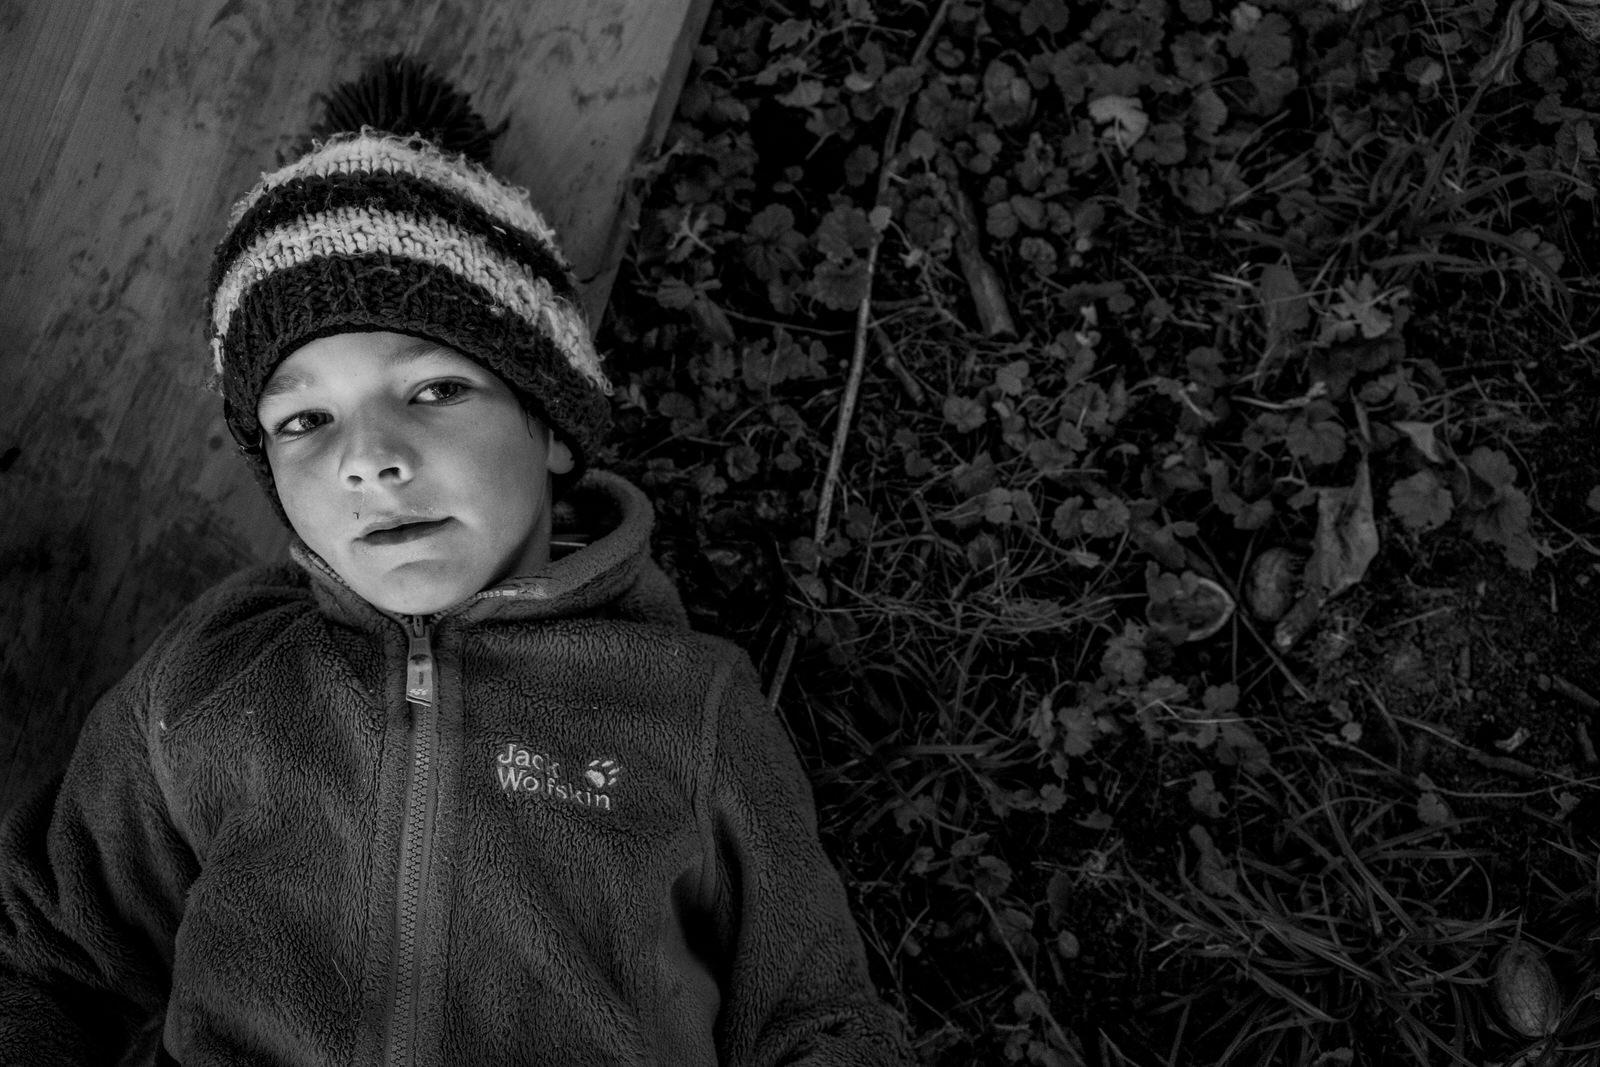 Porträt eines Jungen - Familienfotos drinnen und draussen | Familienfotografin unterwegs